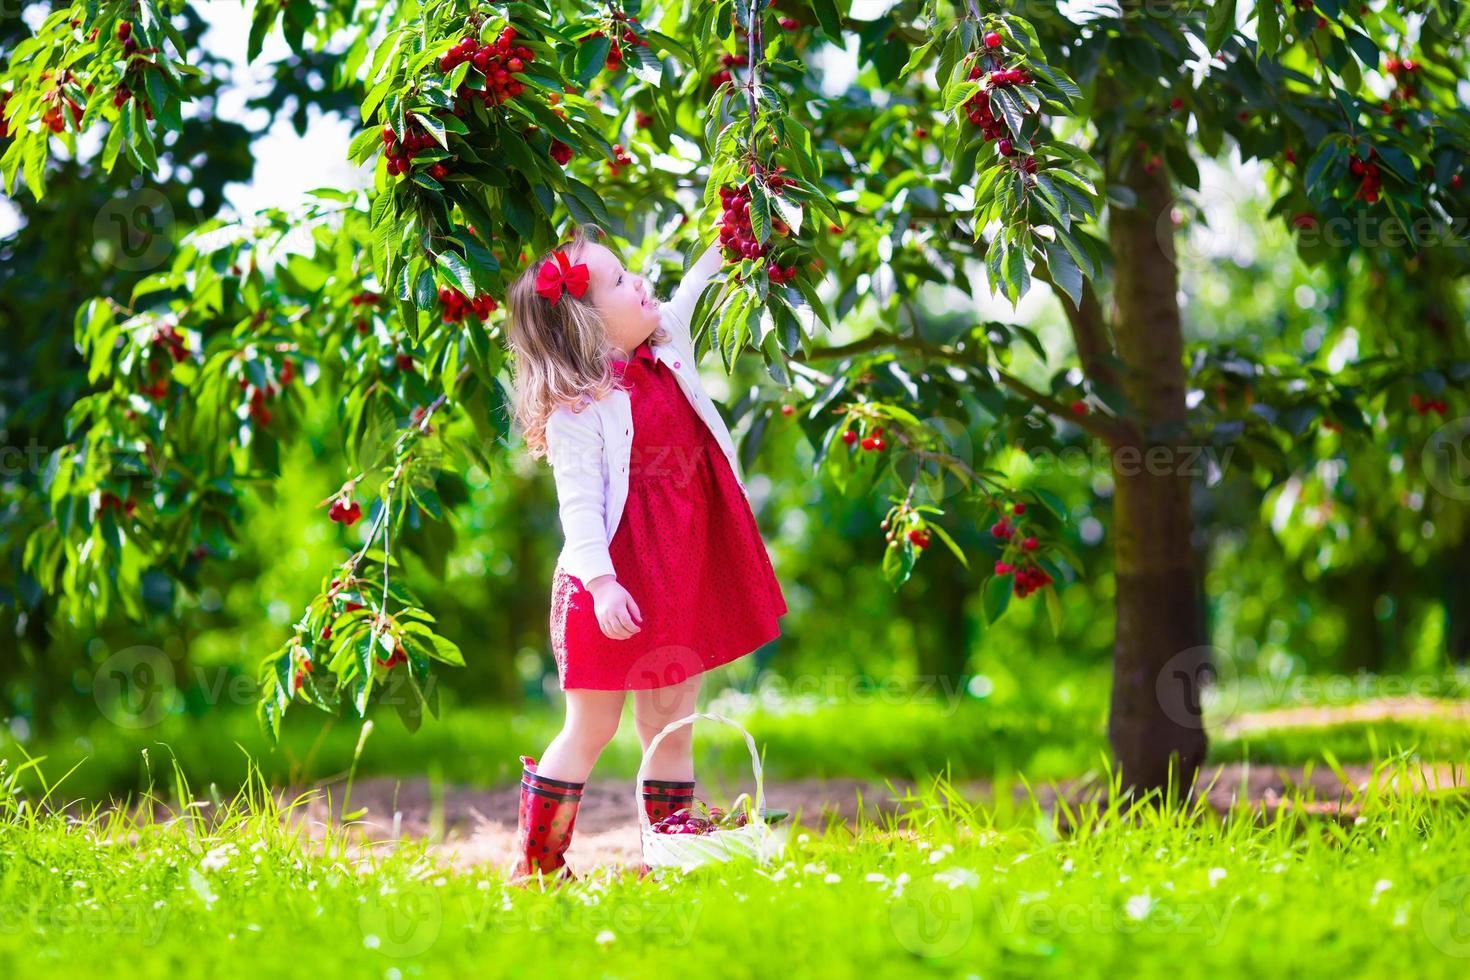 söt liten flicka som plockar färskt körsbärsbär i trädgården foto